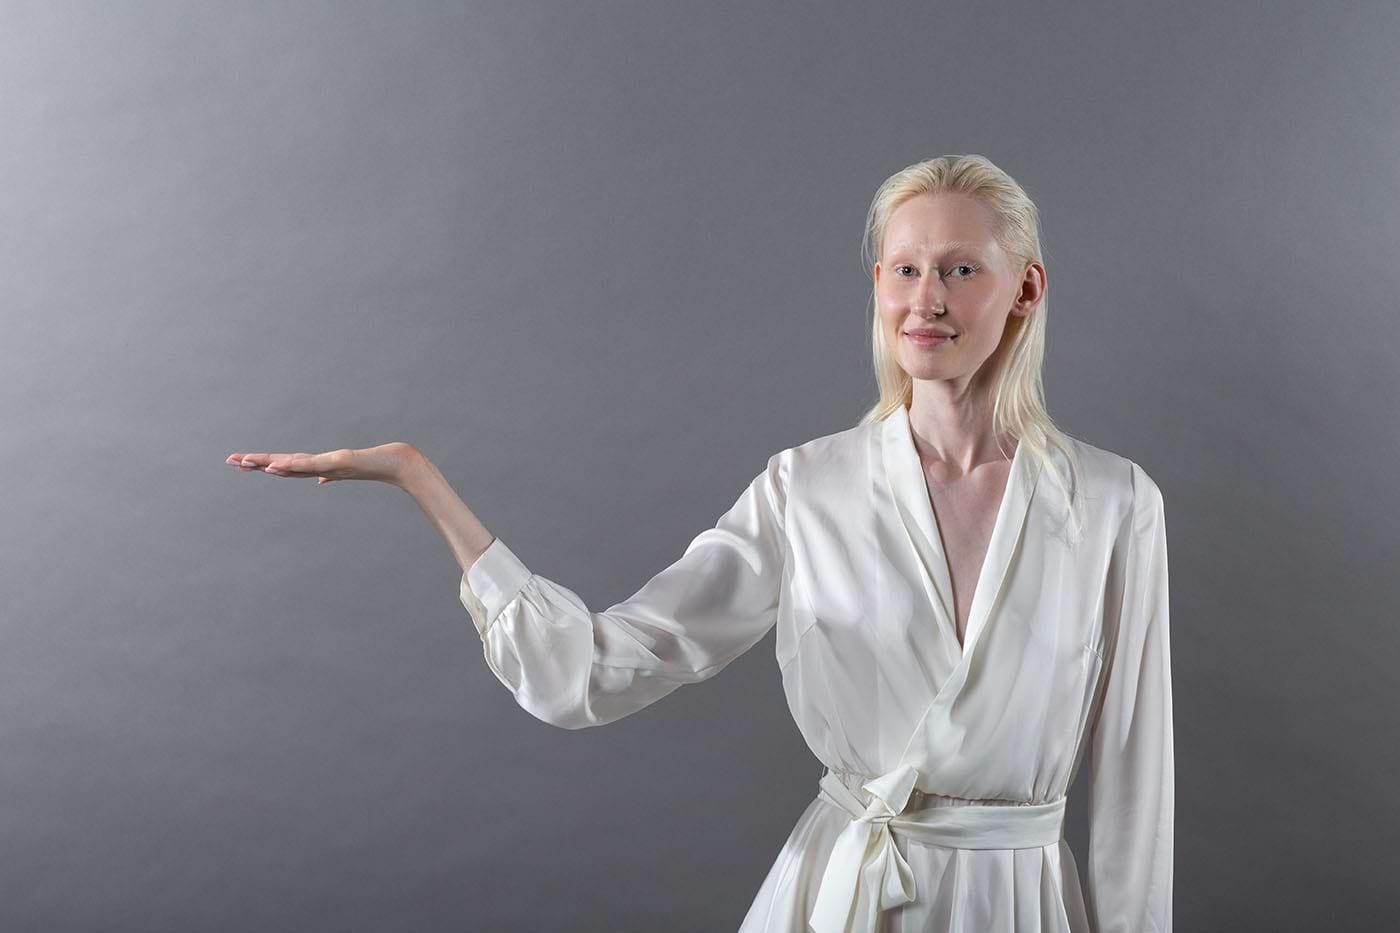 Albinismul: ce este, de ce apare, cum se tratează?